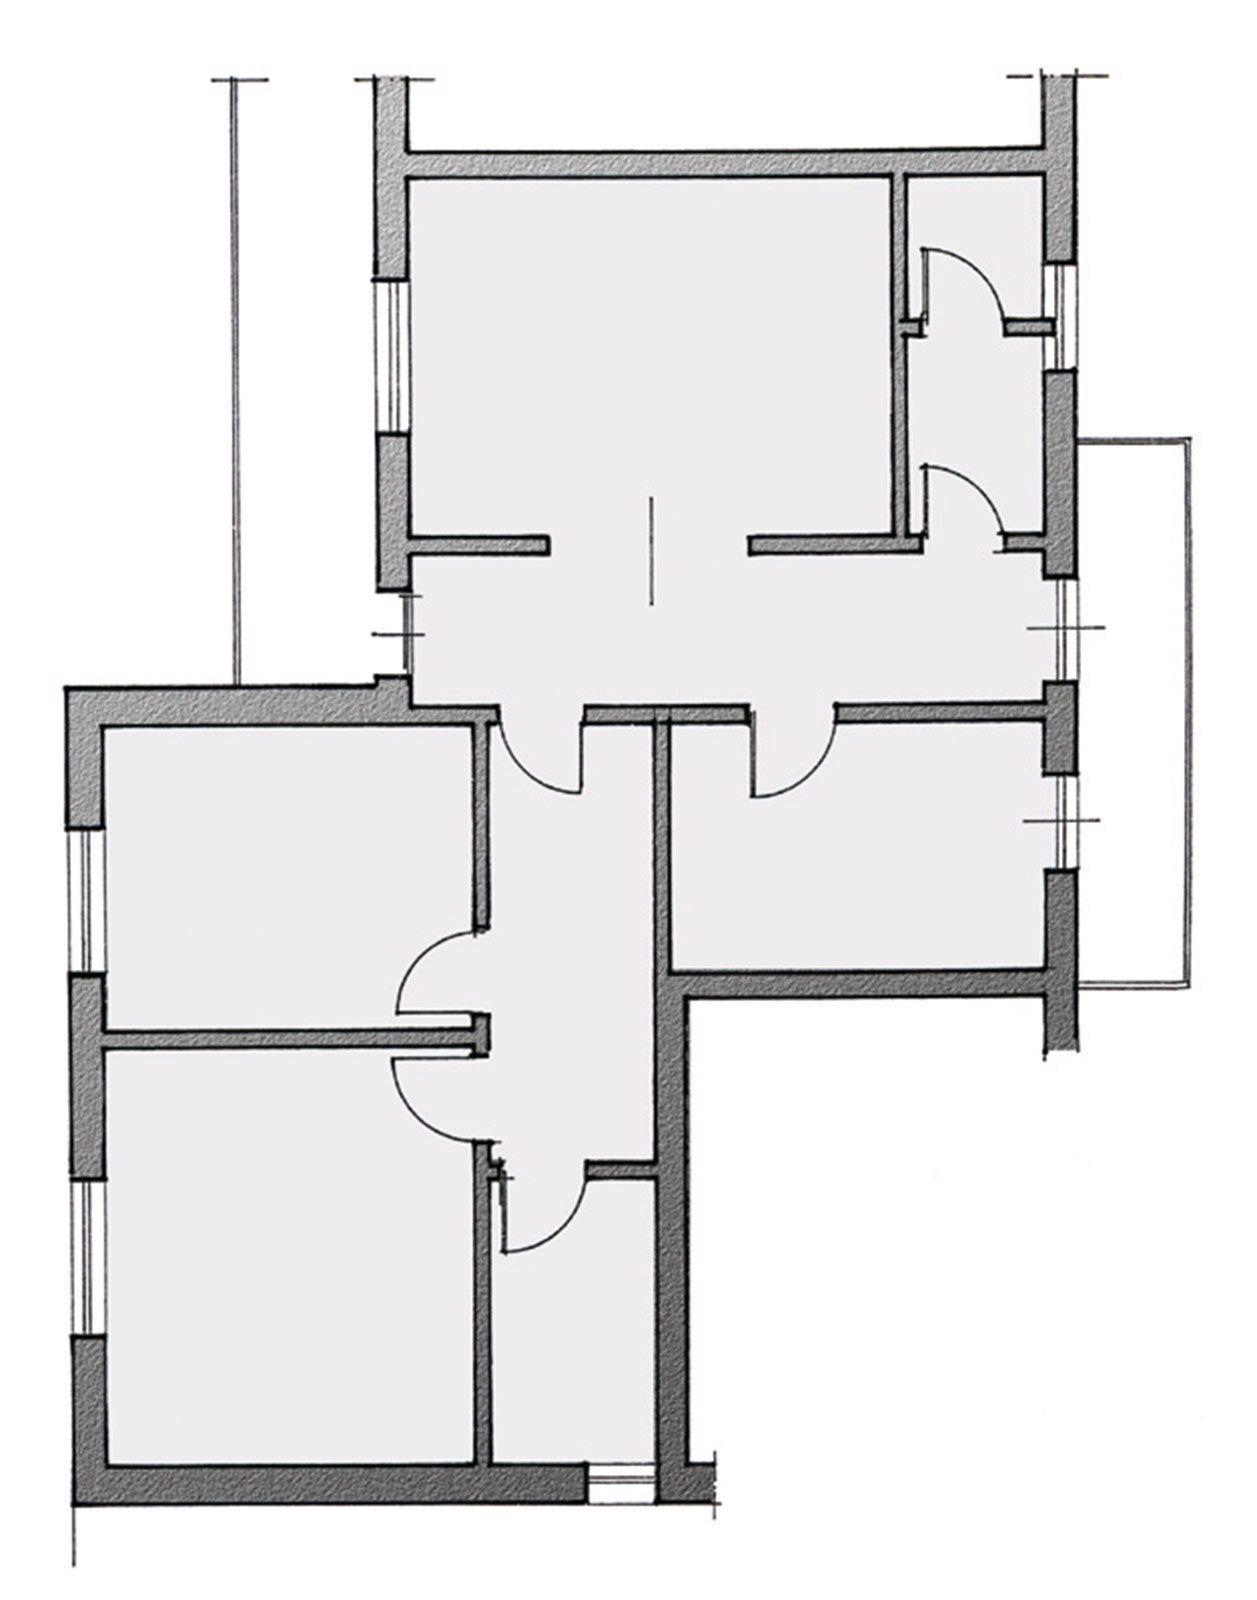 Progetto Bagno 3 Mq l'antibagno che fa da lavanderia. planimetria bagno 3,5 mq